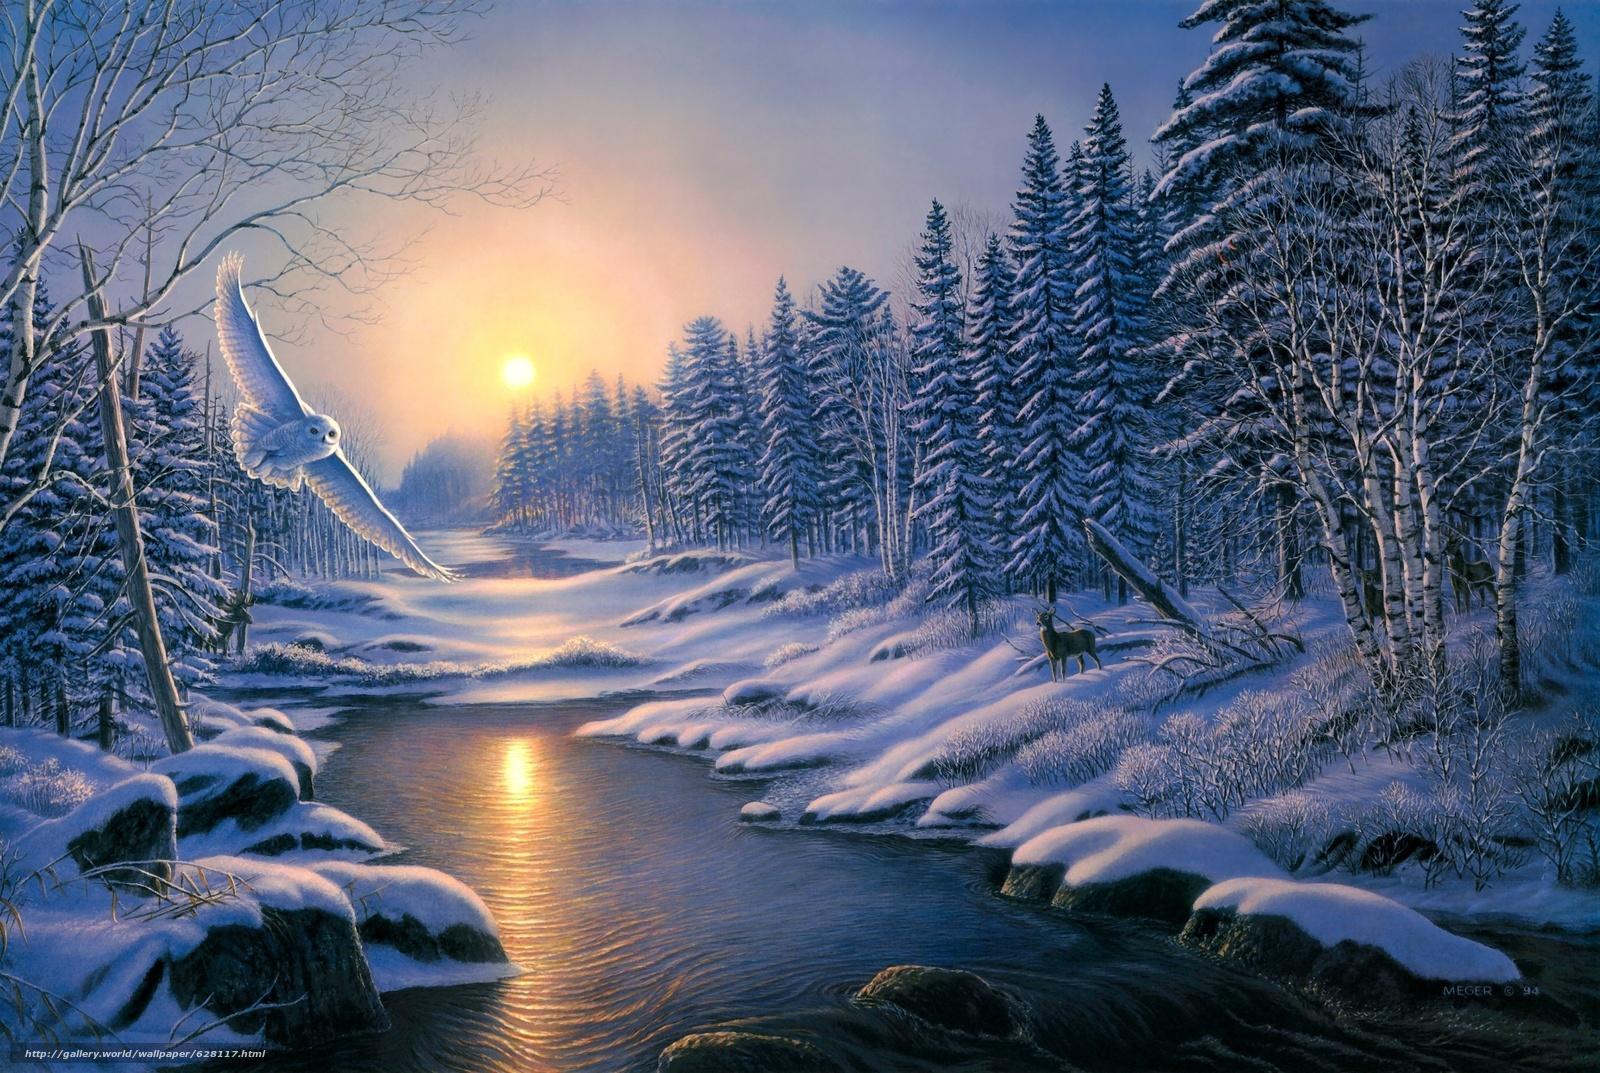 зима, закат, лес, деревья, река, сова, пейзаж, живопись